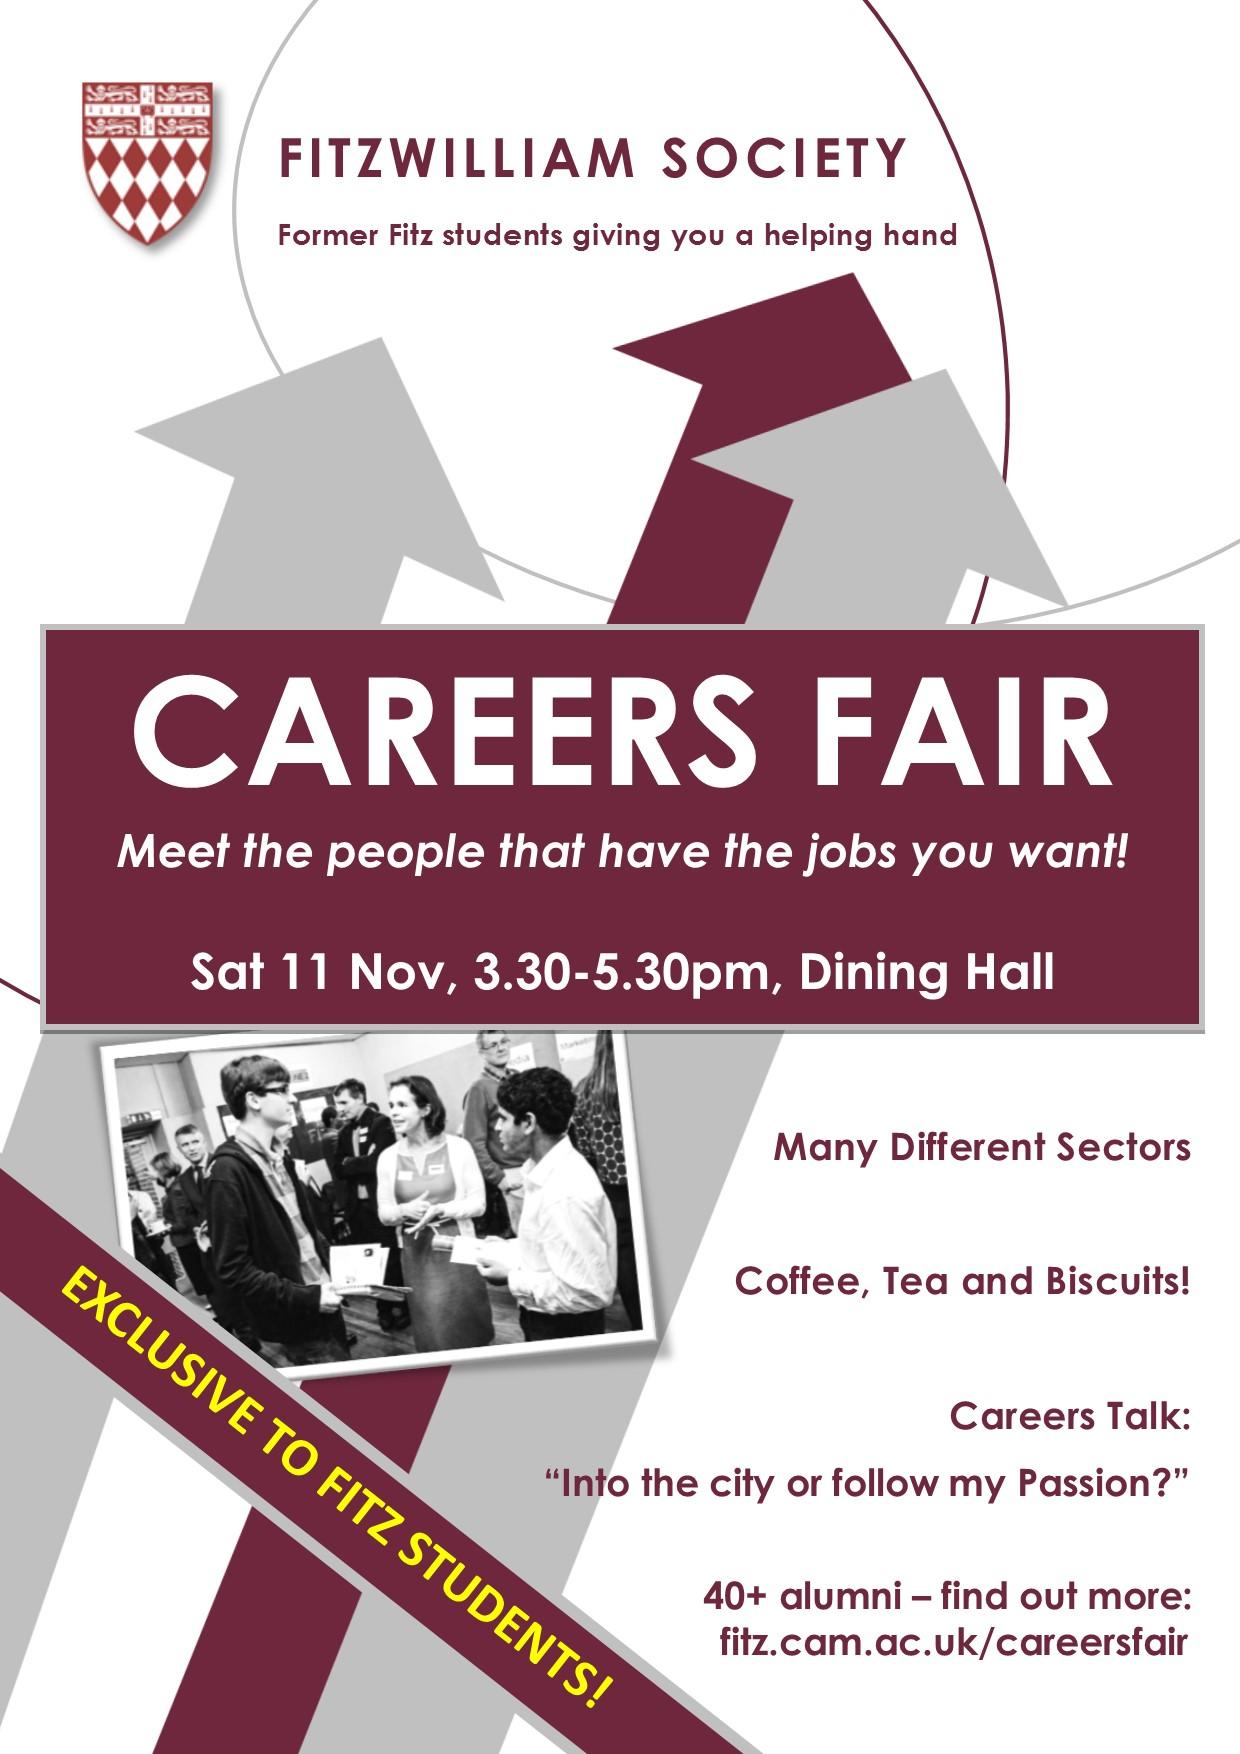 poster for fitzwilliam careers 2017 fair